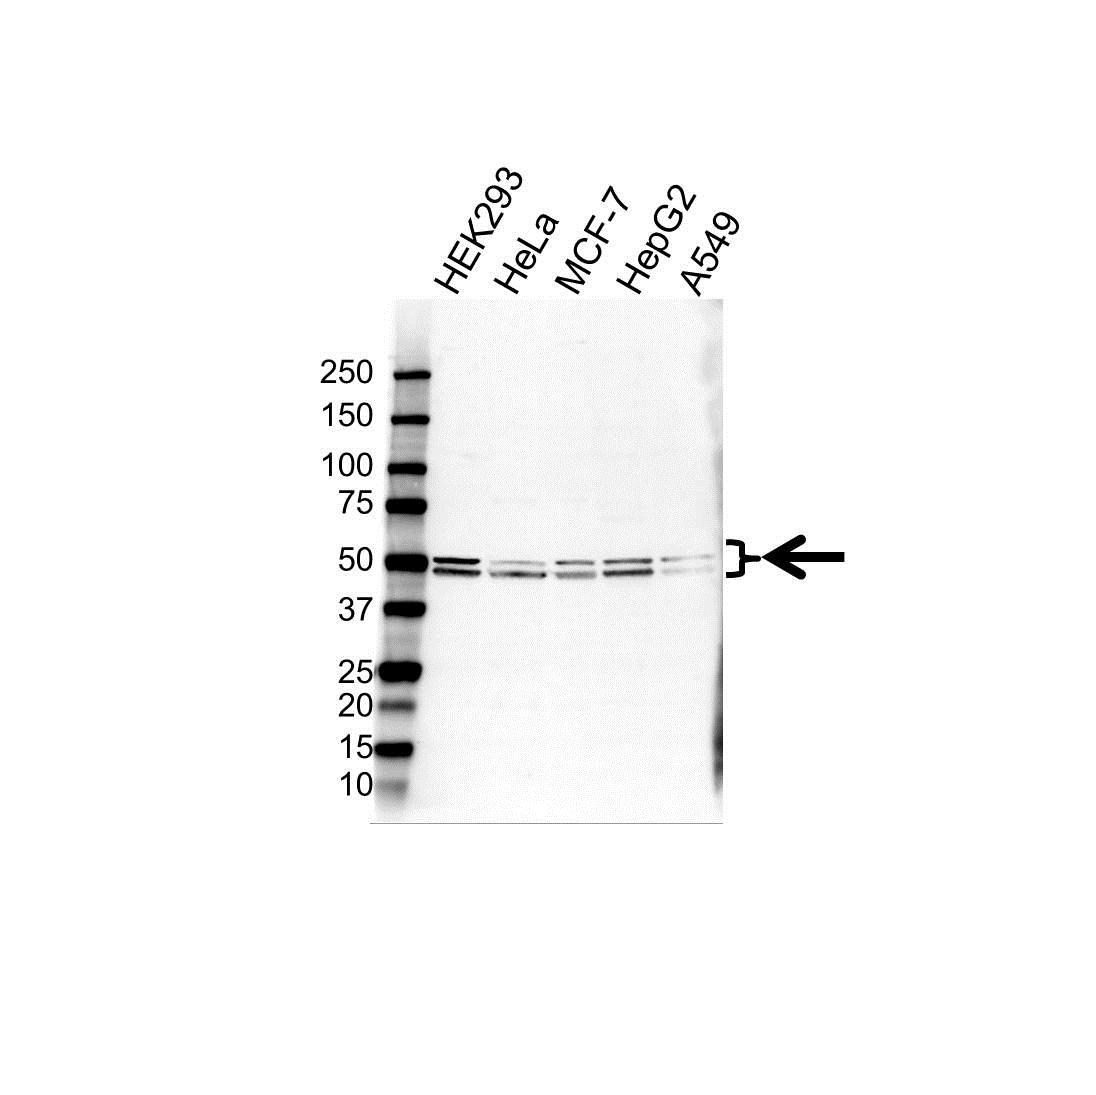 Anti BETA-1 Adrenergic Receptor Antibody (PrecisionAb™ Polyclonal Antibody) gallery image 1